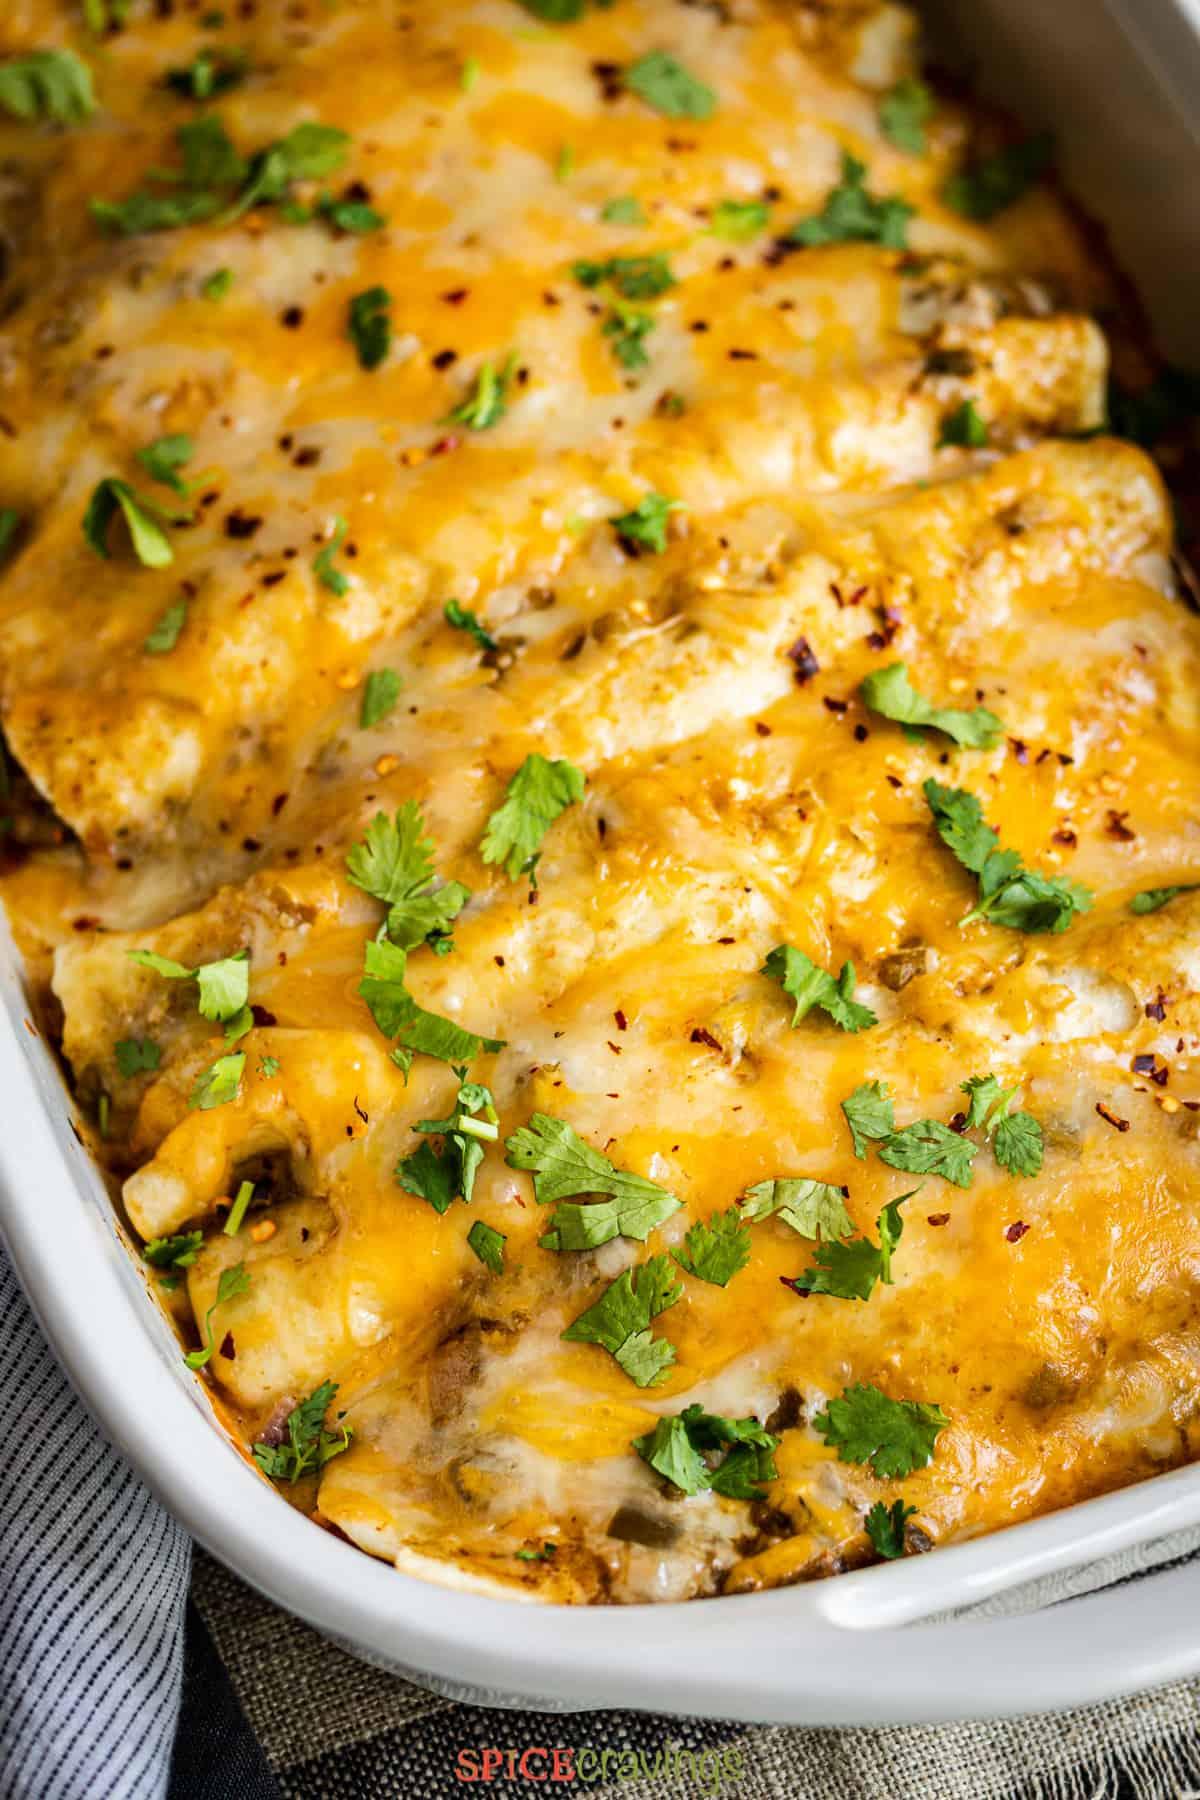 green chile chicken enchiladas in white casserole dish